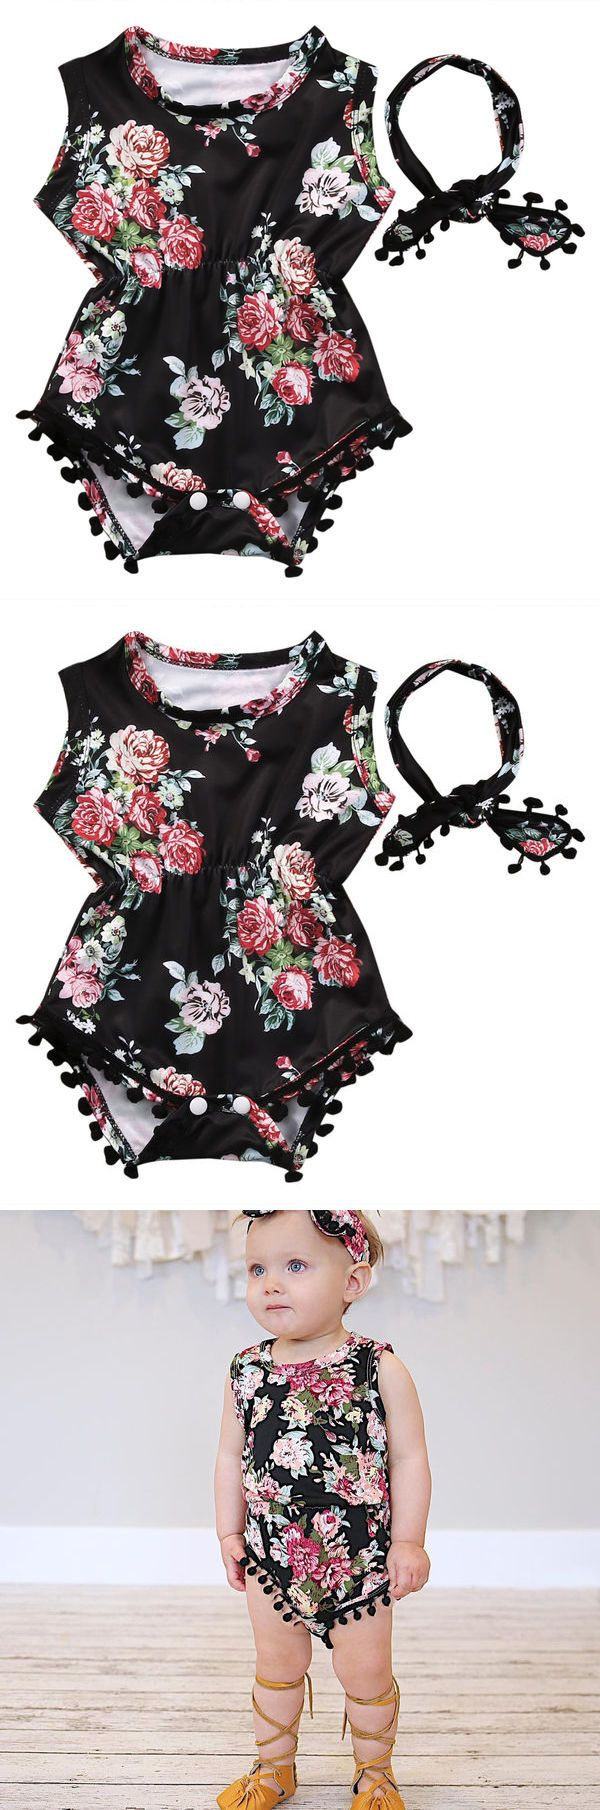 Romper Clothes Floral Tassel Bodysuit Jumpsuit Headband 2PCS Outfit Sunsuit Tracksuit Clothing Set